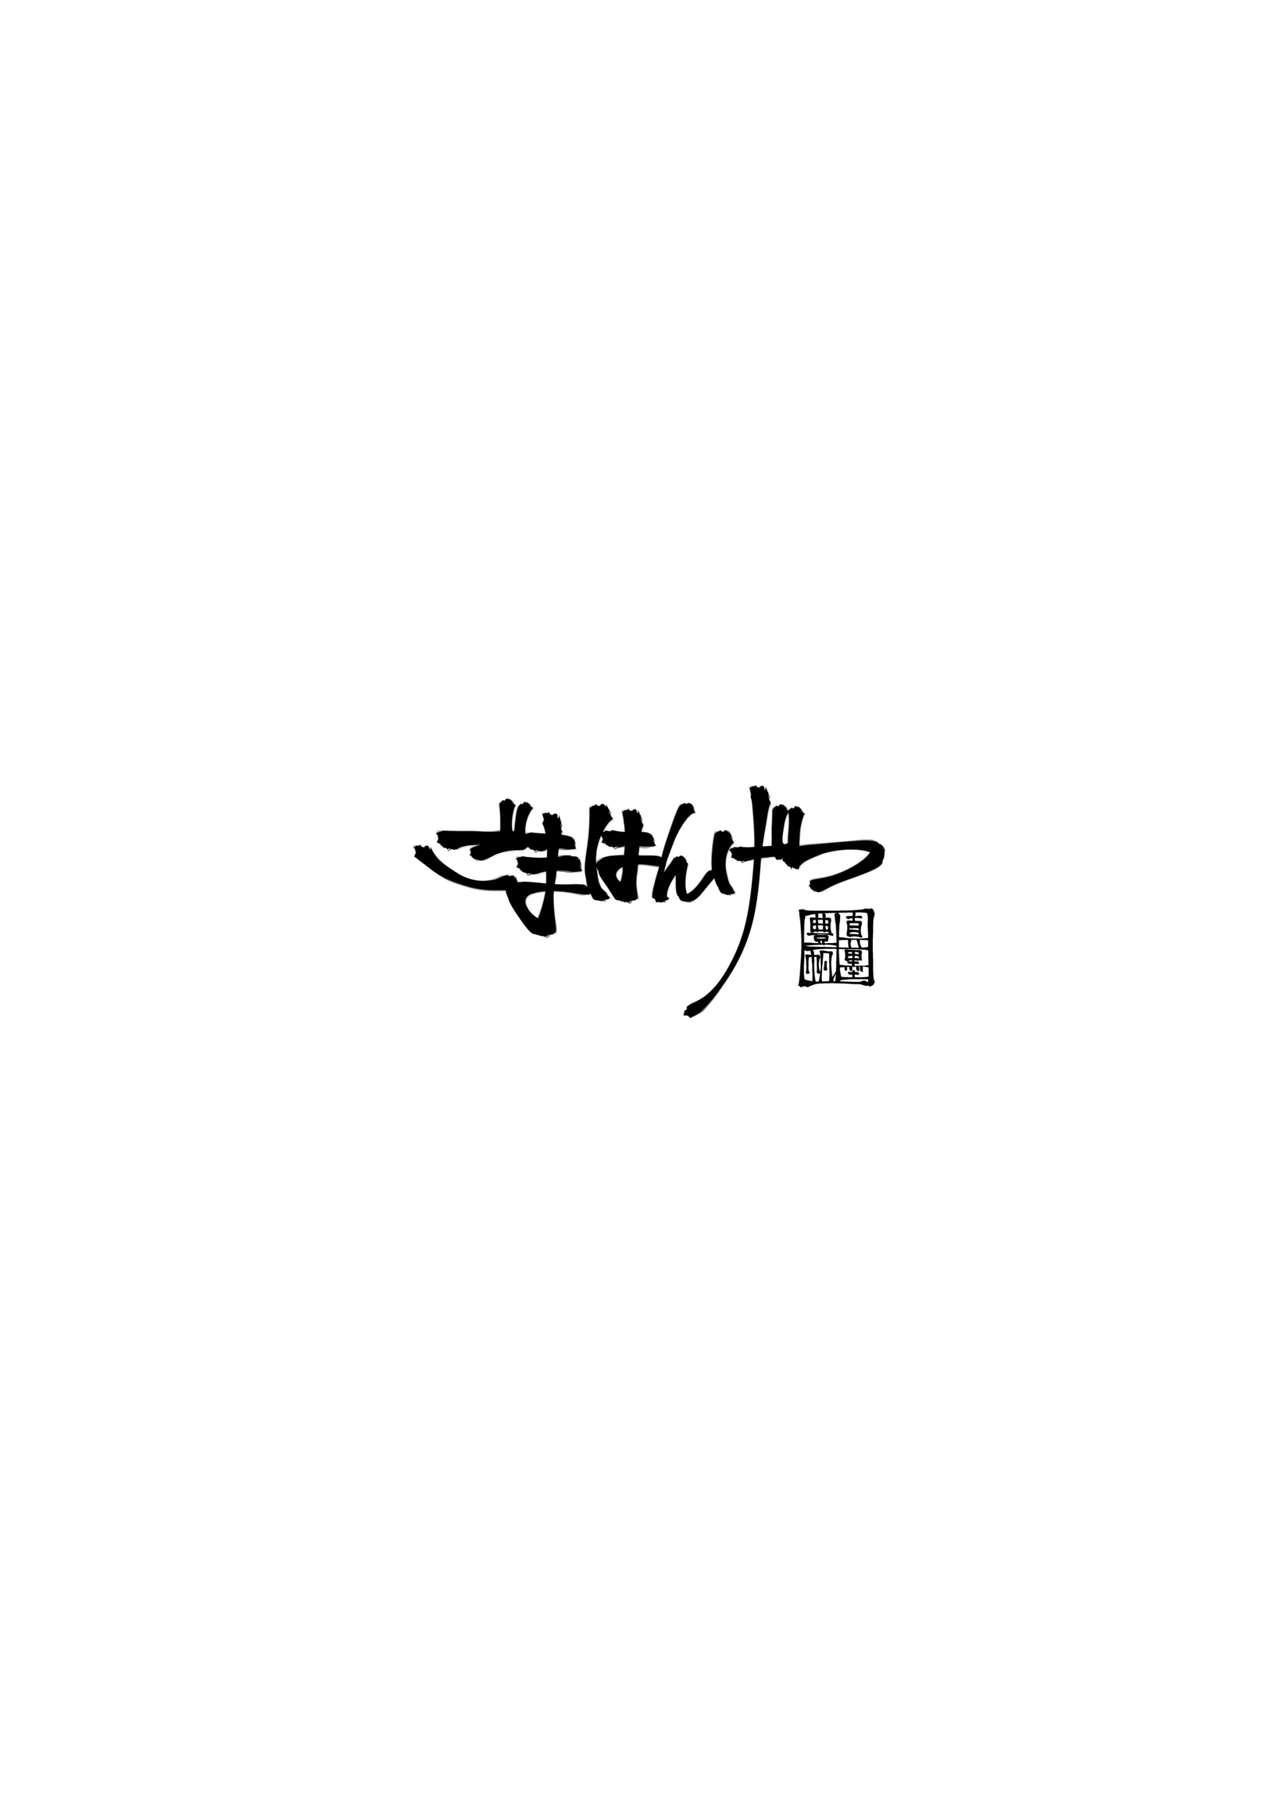 P-chan Motto Shiyo 13